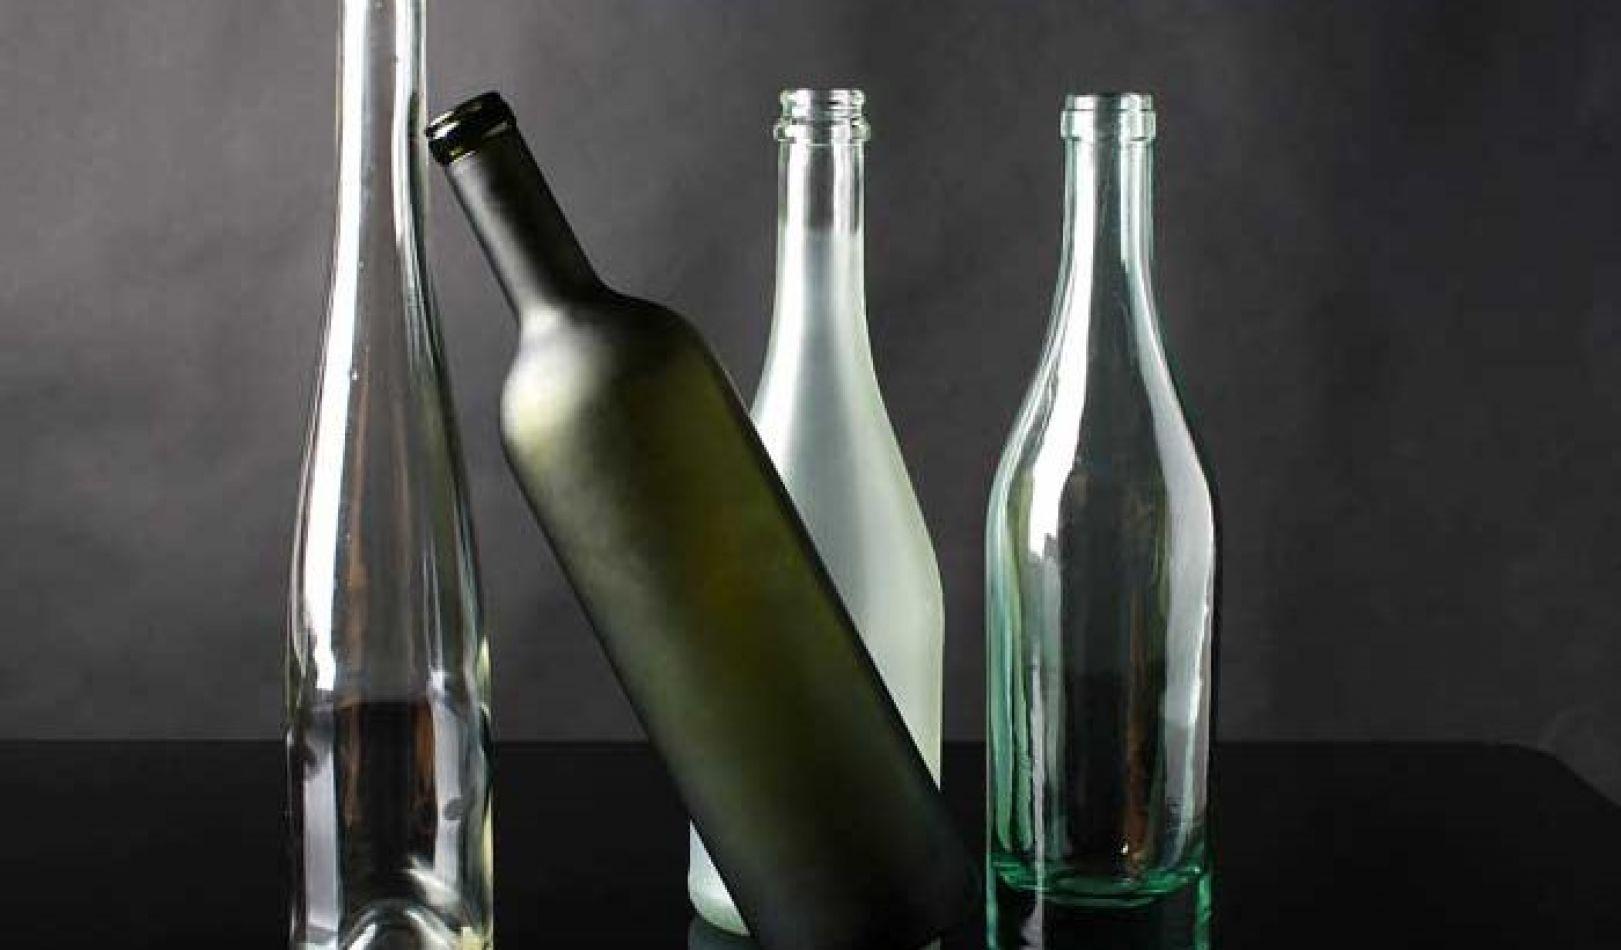 Producción mantiene reuniones para viabilizar el retorno de envases de vidrio